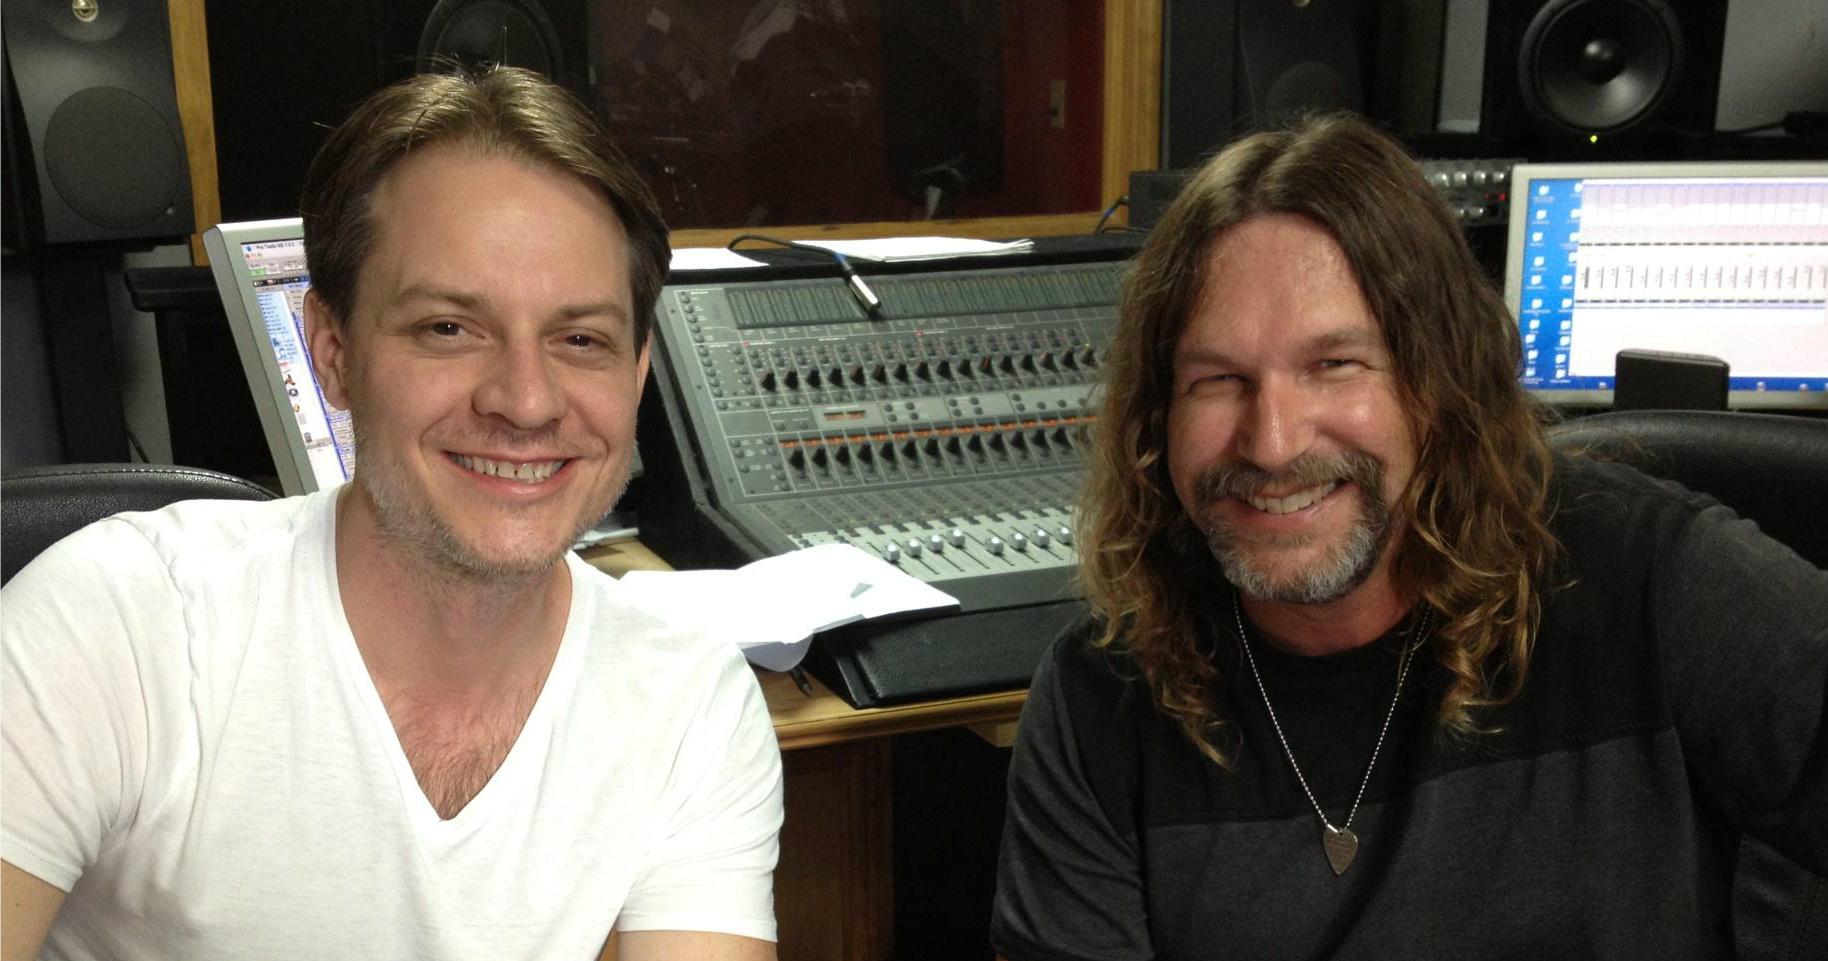 NashvilleRecording StudioNashvilleTraxMusicProducerBillWatson